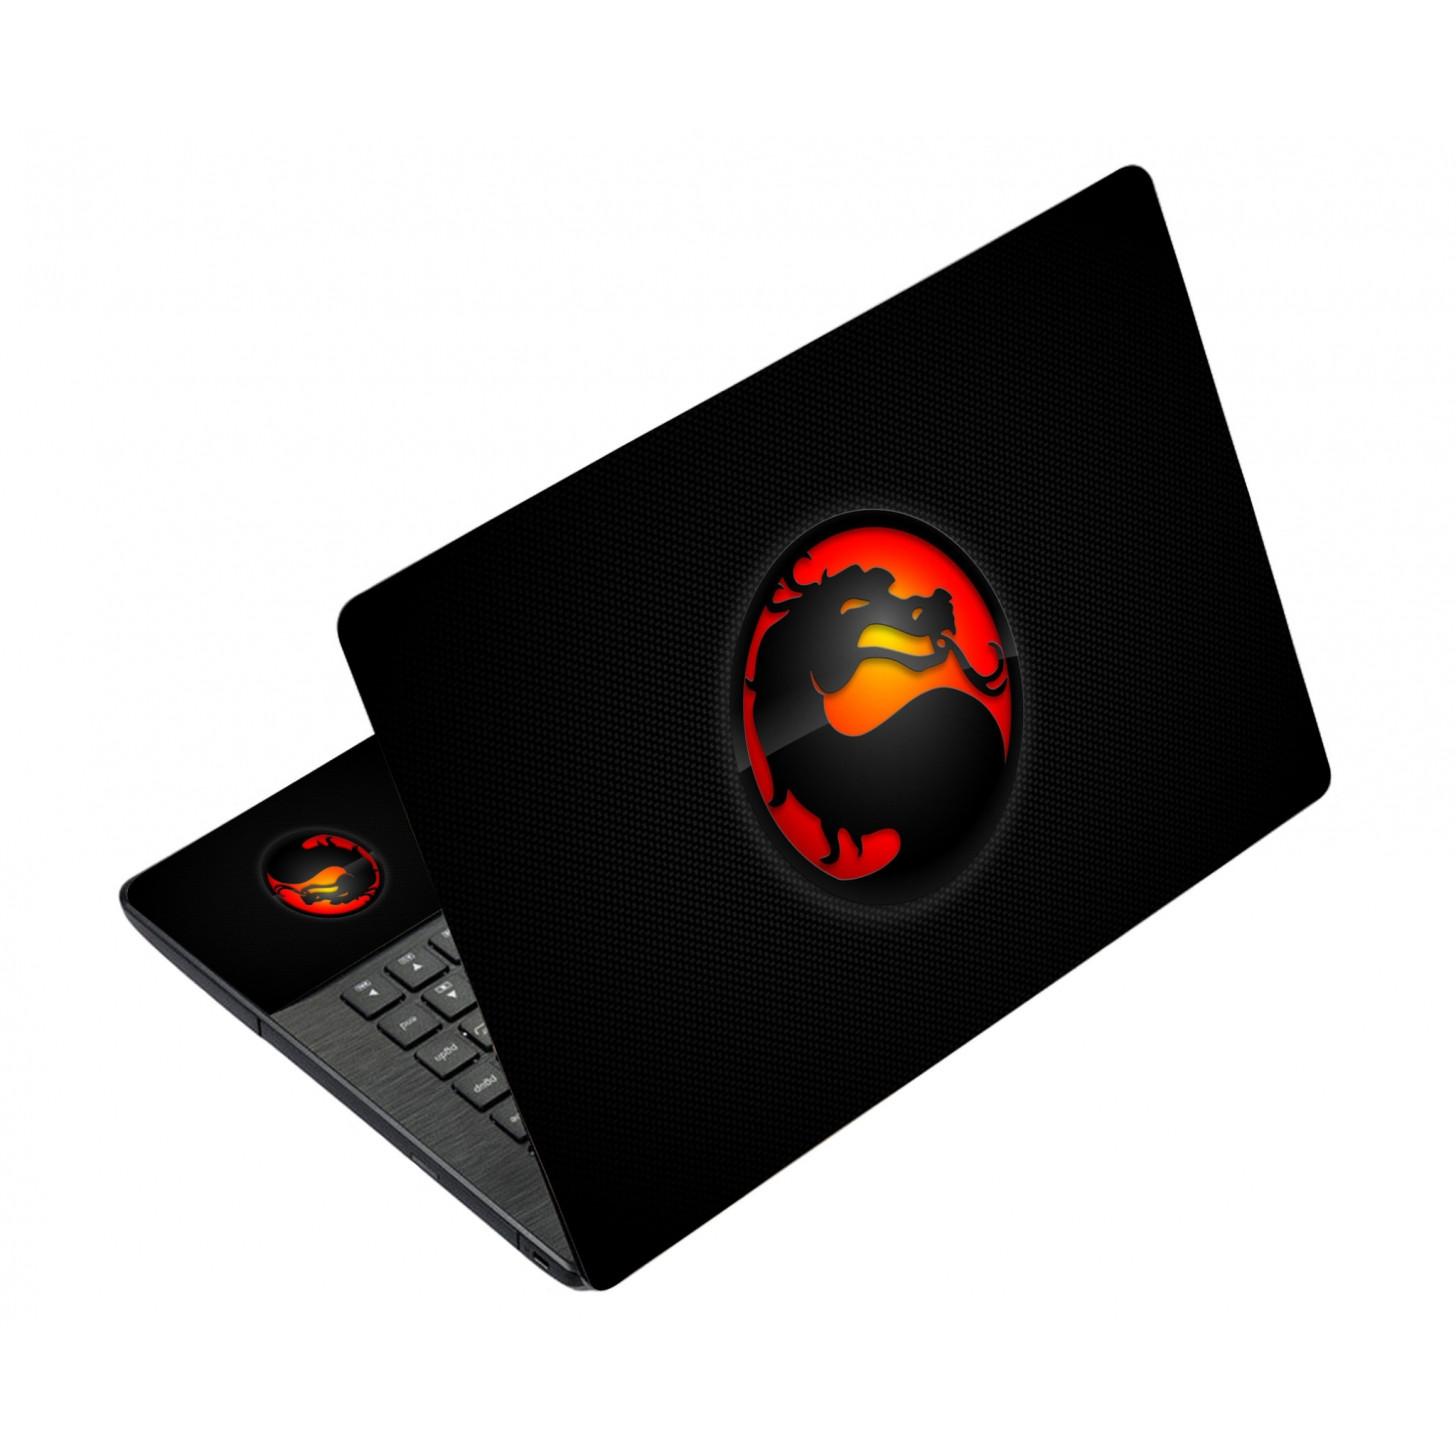 Miếng Dán Decal Dành Cho Laptop - Logo LTLG-80 cỡ 13 inch